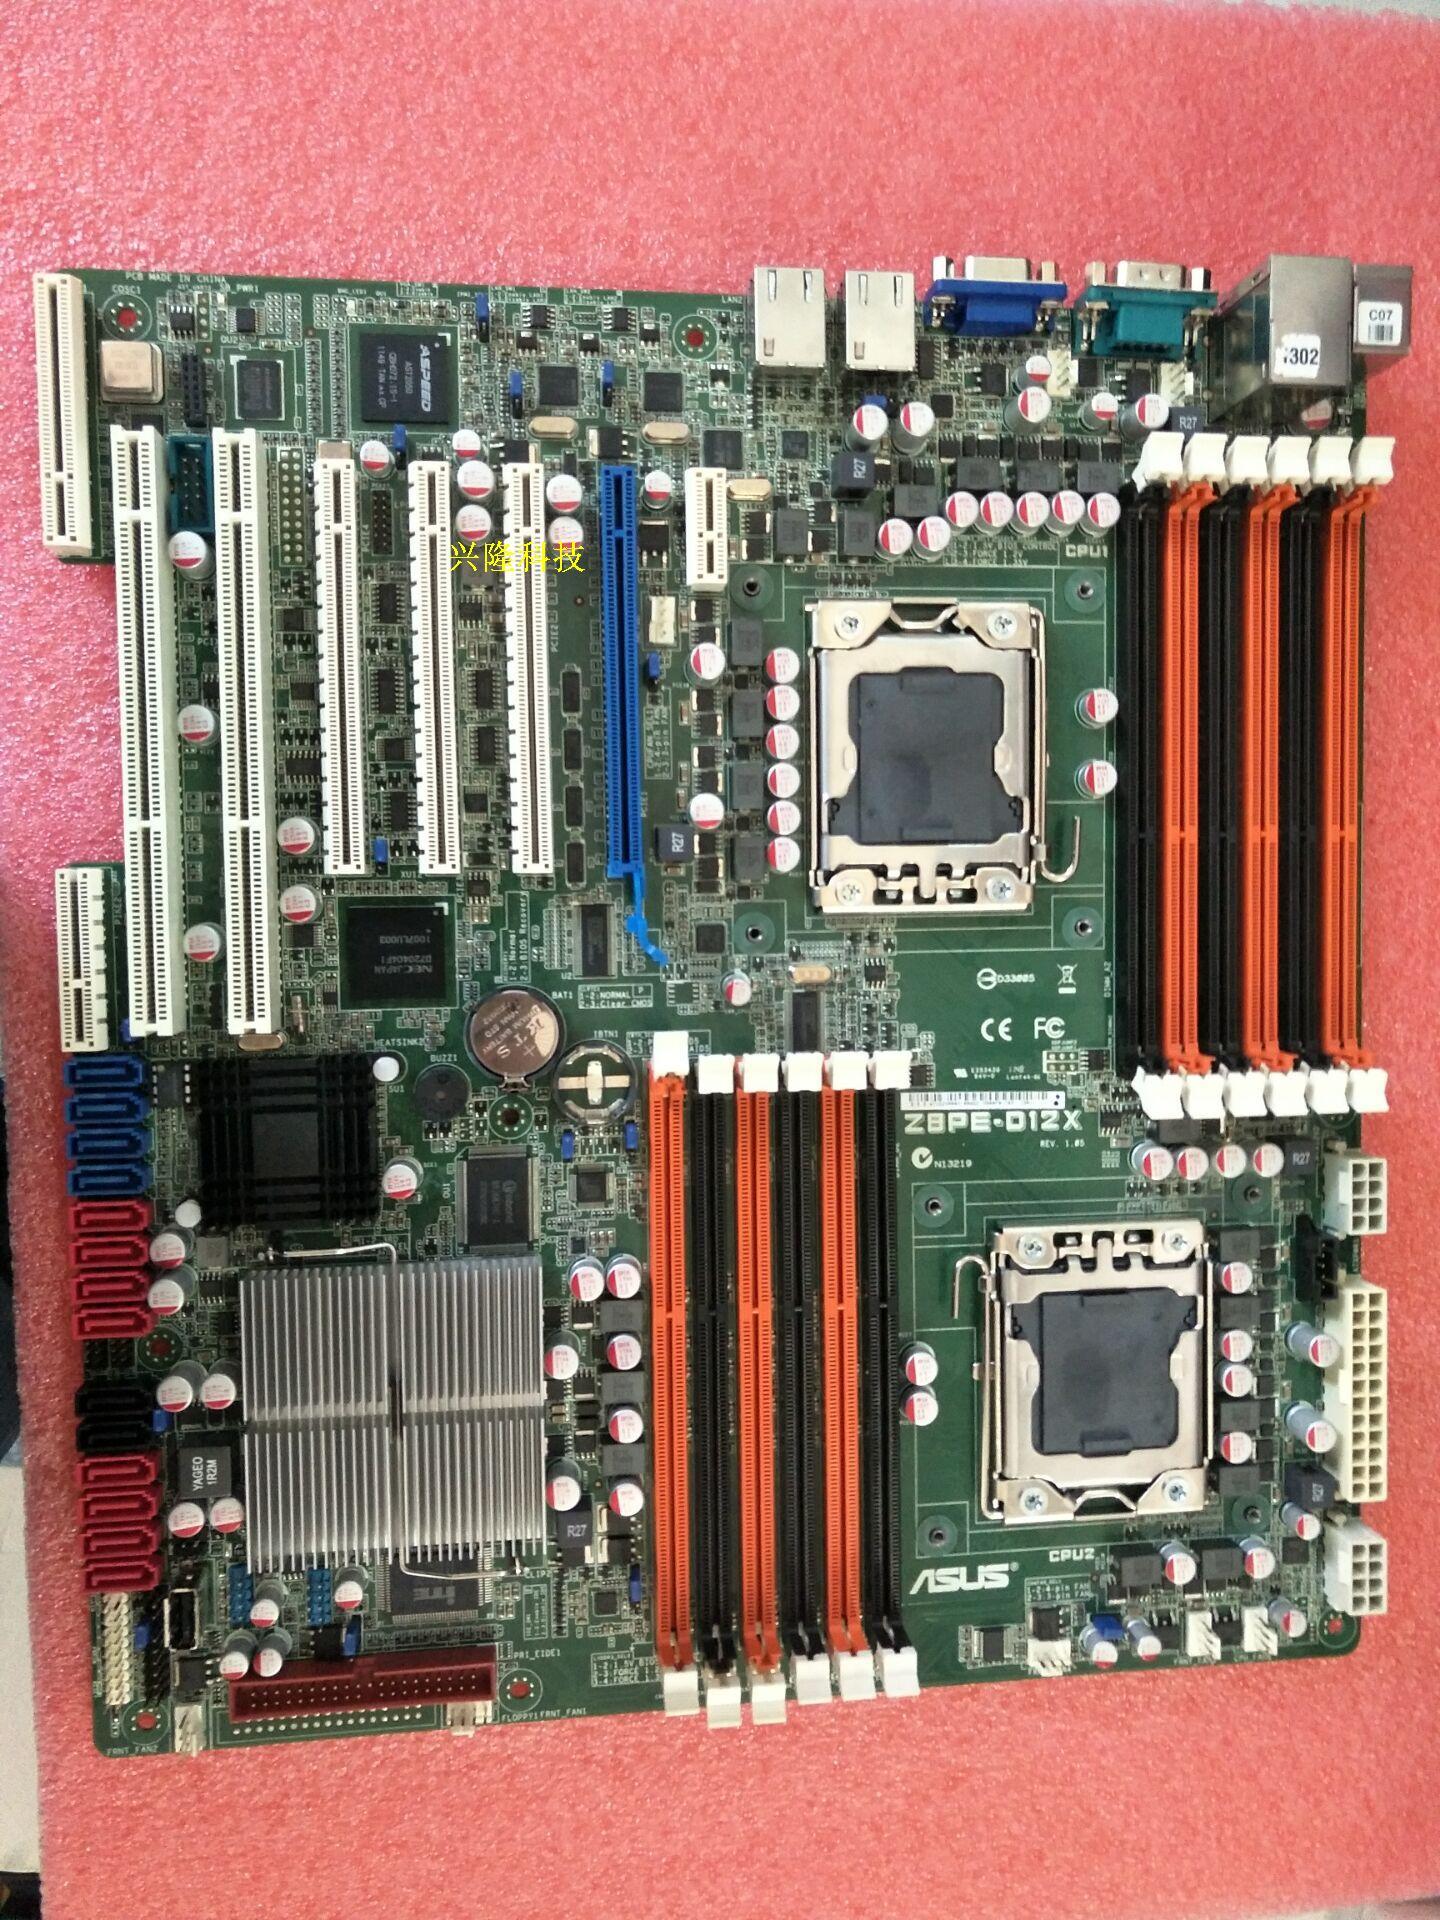 ASUS Z8PE-D12X Serveur Carte Mère S5520 X58 Socket LGA 1366 DDR3 14 * SATA2 RAID/0/1/5 /10 USB2.0 COM Port VGA